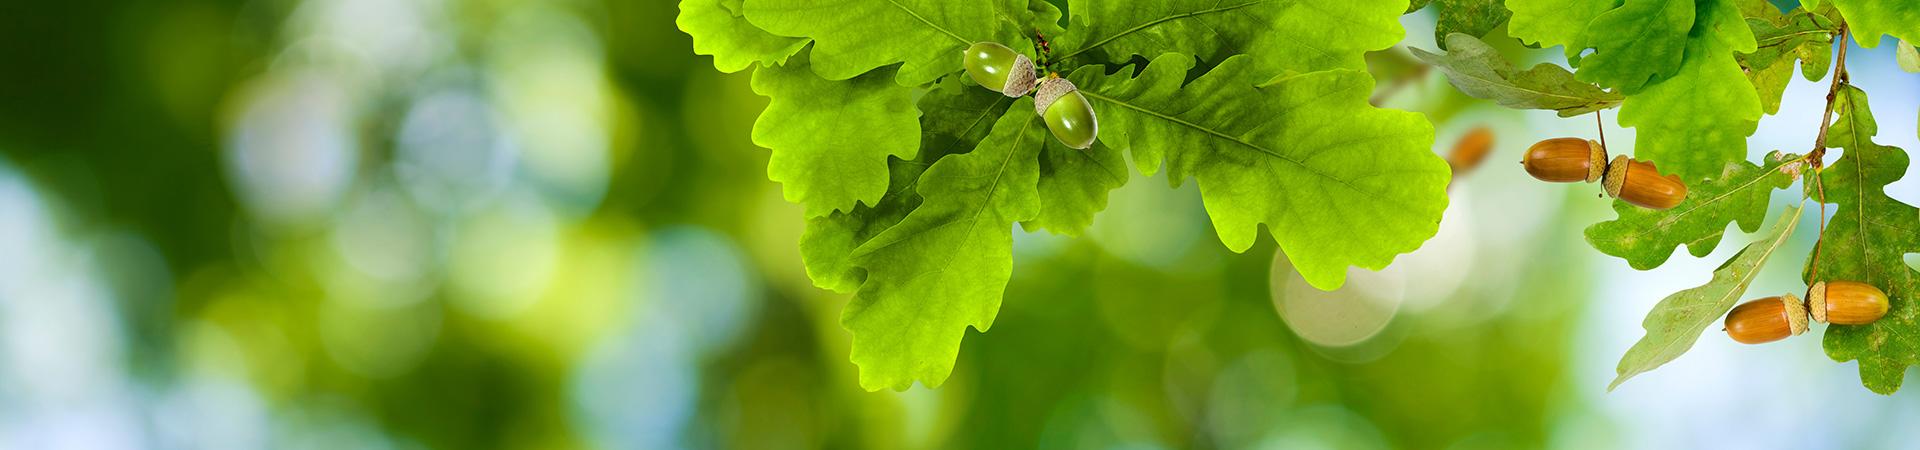 ekgren med ekblad och ekollon.